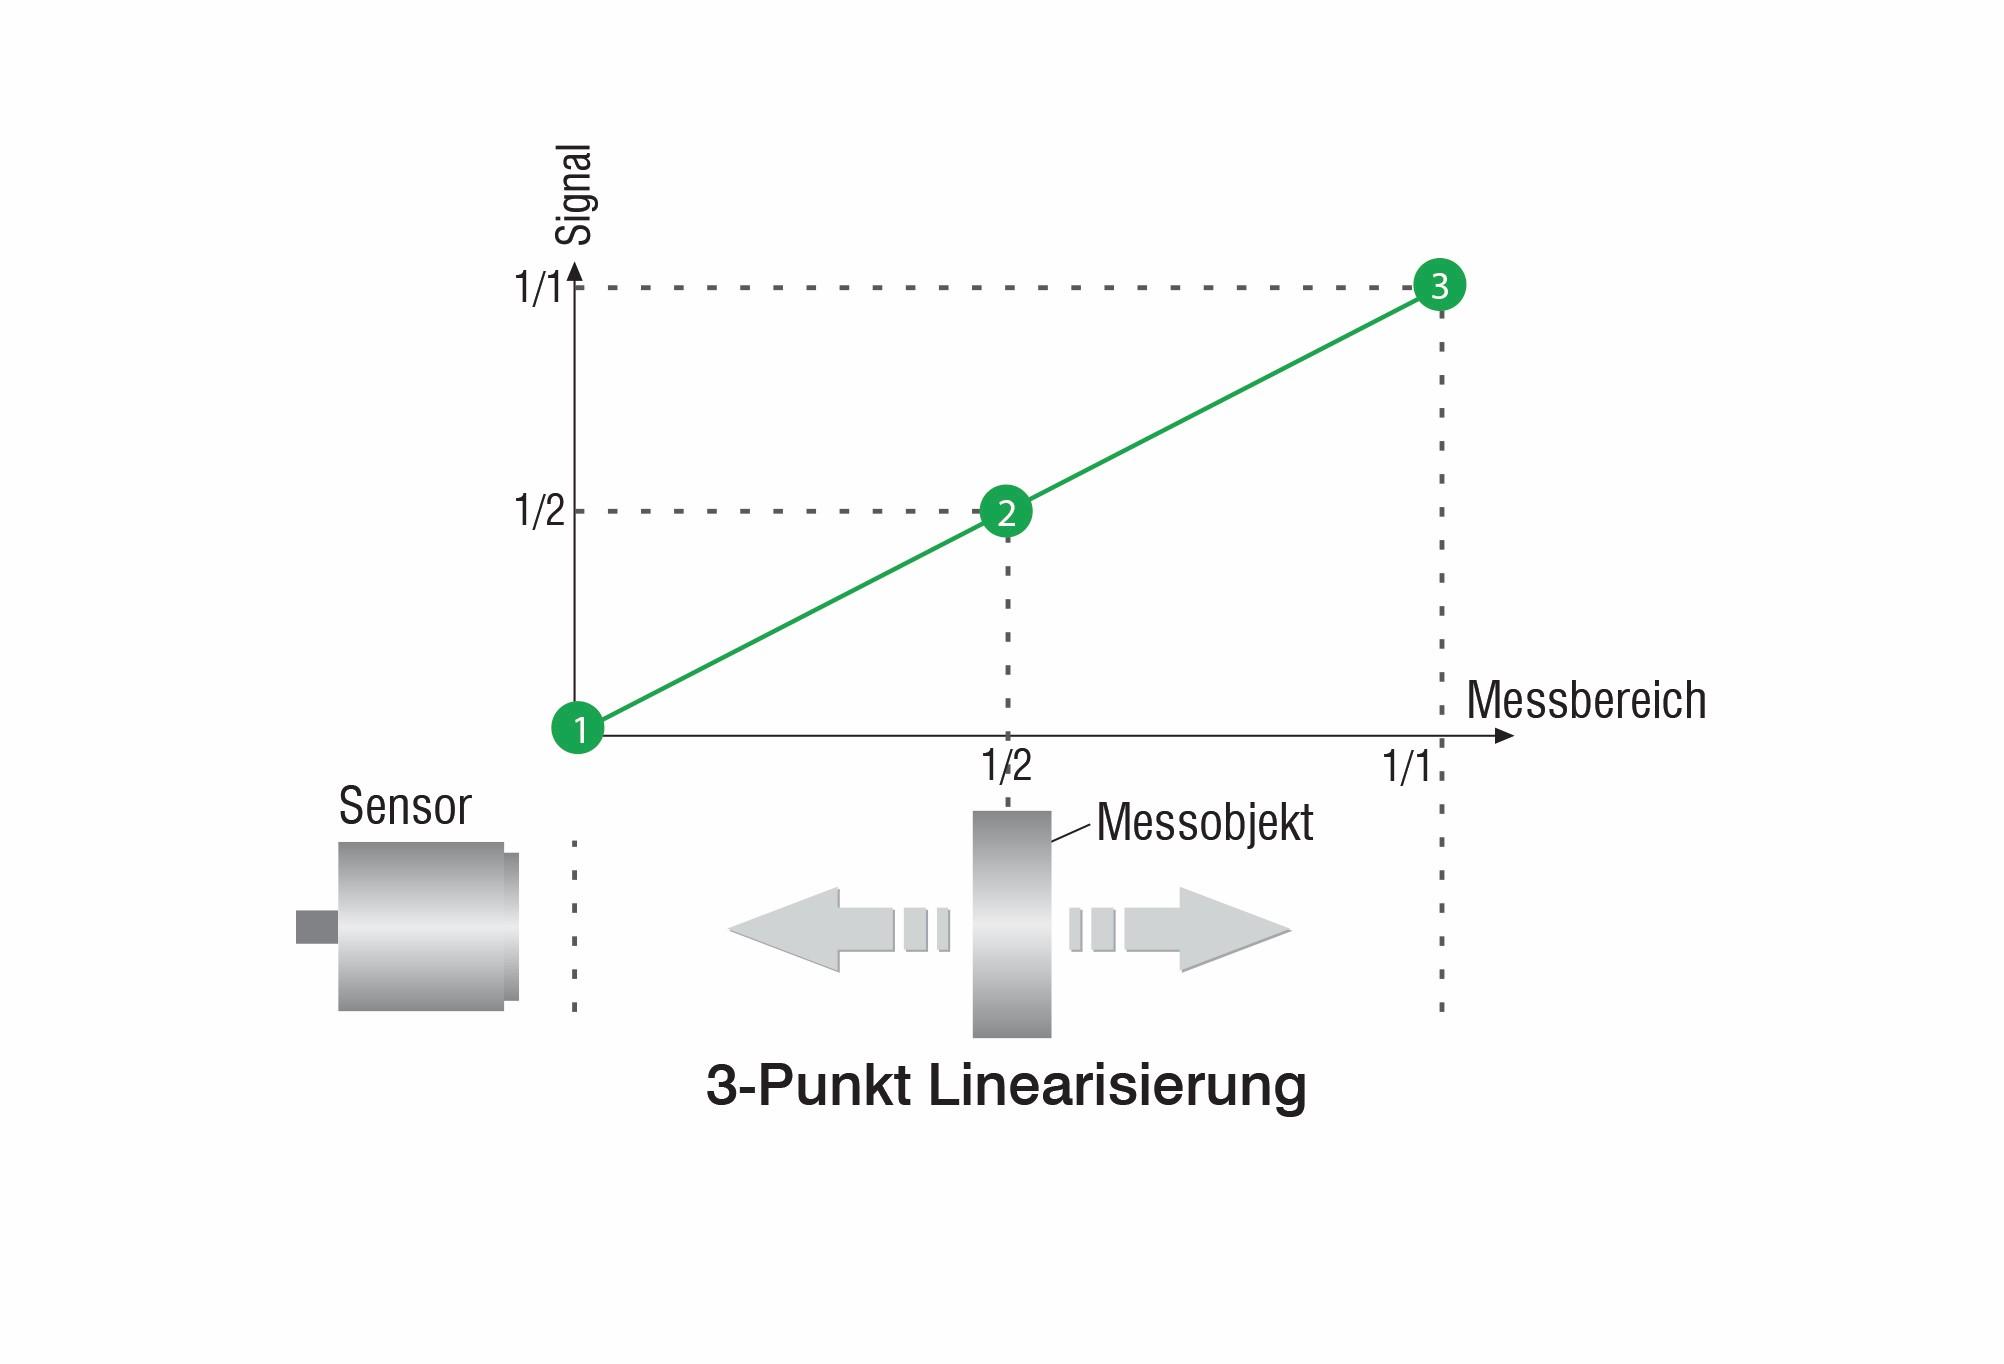 Bild 3: Eine aufwendige 3-Punkt-Linearisierung der Sensoren sorgt für einen sehr geringen Linearitätsfehler, was entscheidend die Gesamtgenauigkeit erhöht. Bild: Micro-Epsilon